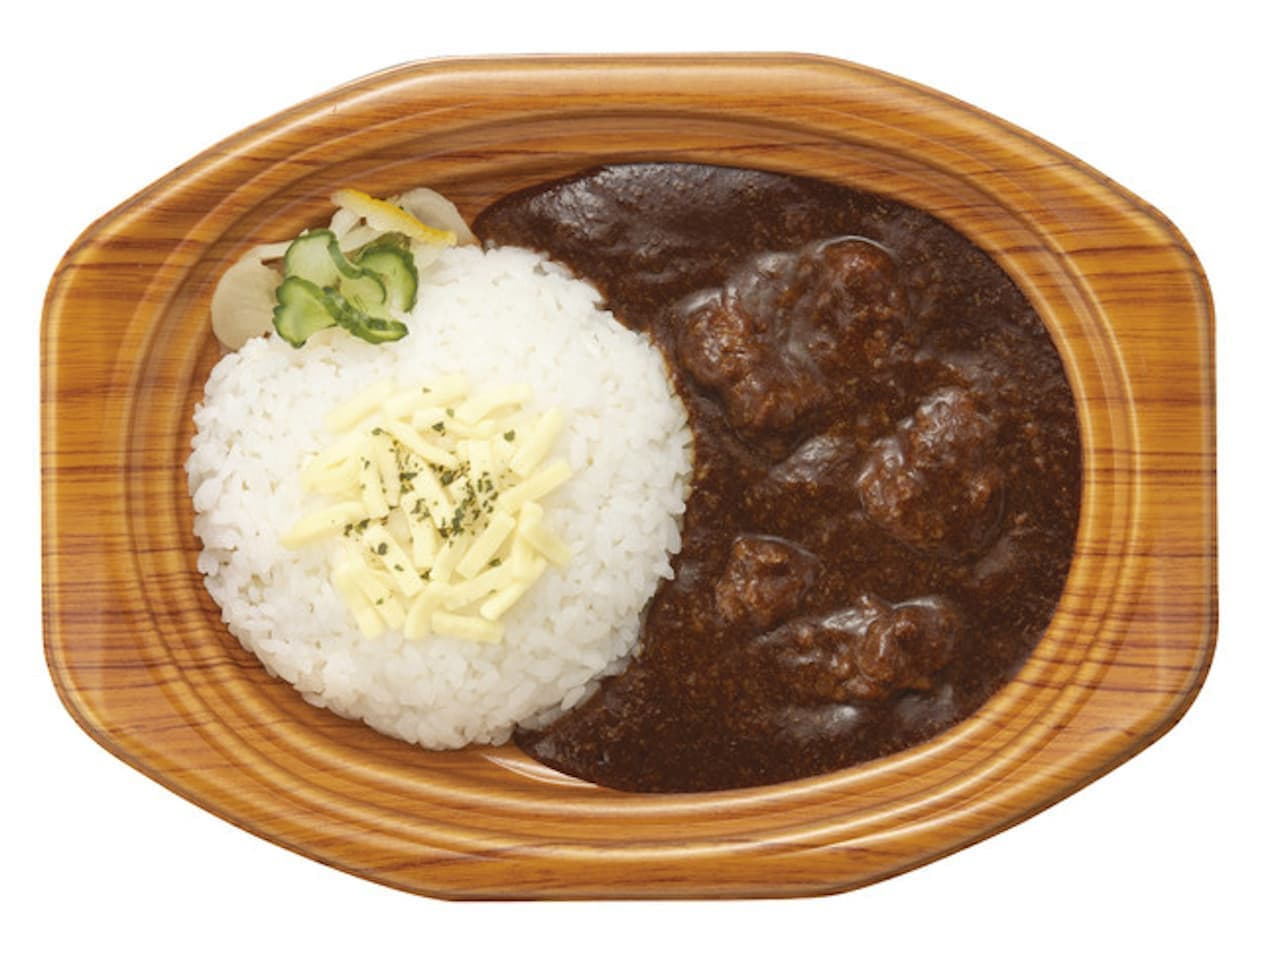 ファミマ「やわらかビーフと野菜とけこむ コクが自慢の欧風カレー」